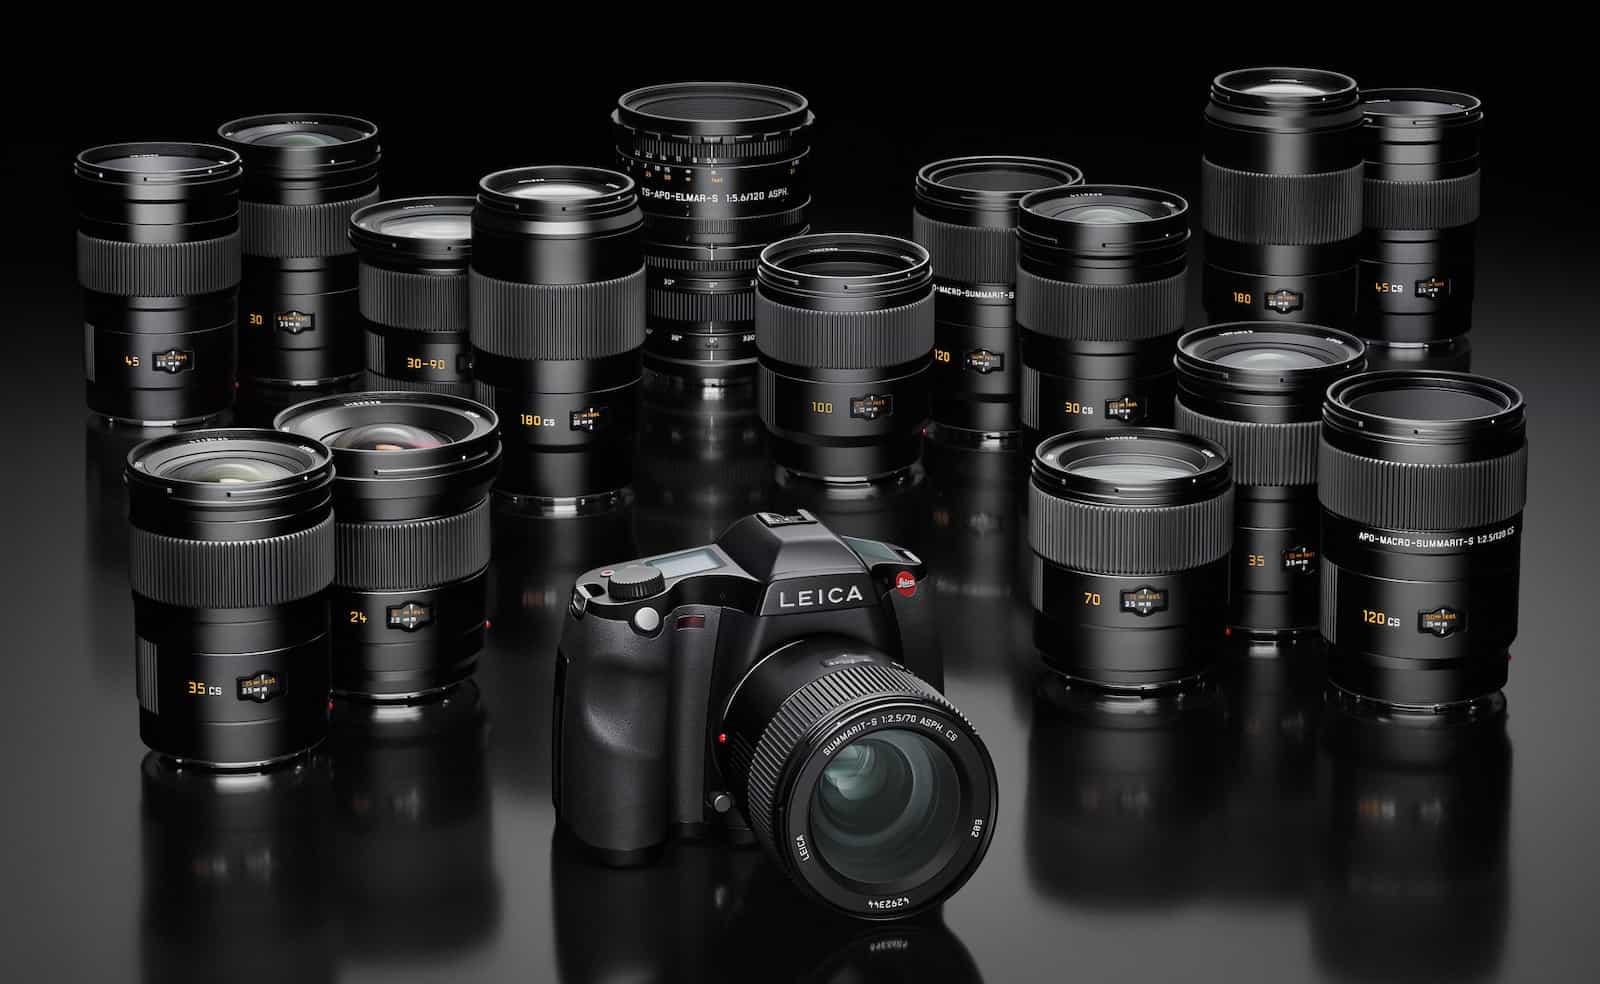 Leica S3 3